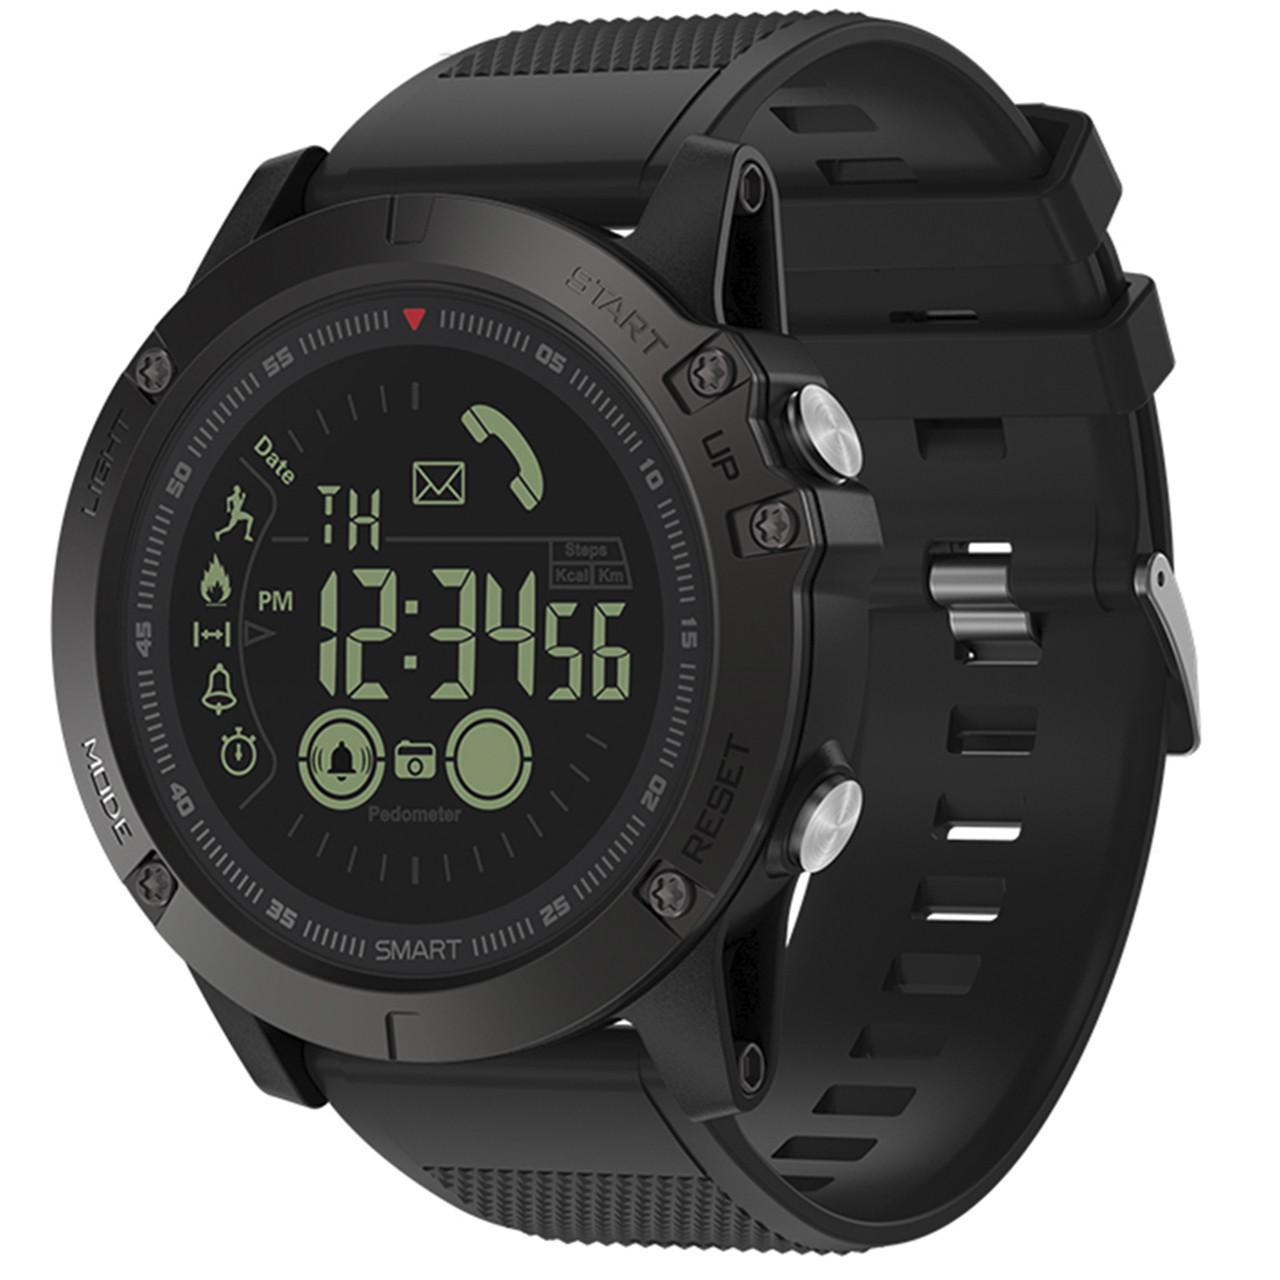 ϞСмарт-часы Zeblaze VIBE 3 Black экран 1,24'' стальной корпус Блютуз 4.0 Батарея 610mAh IP67 Android 4.3